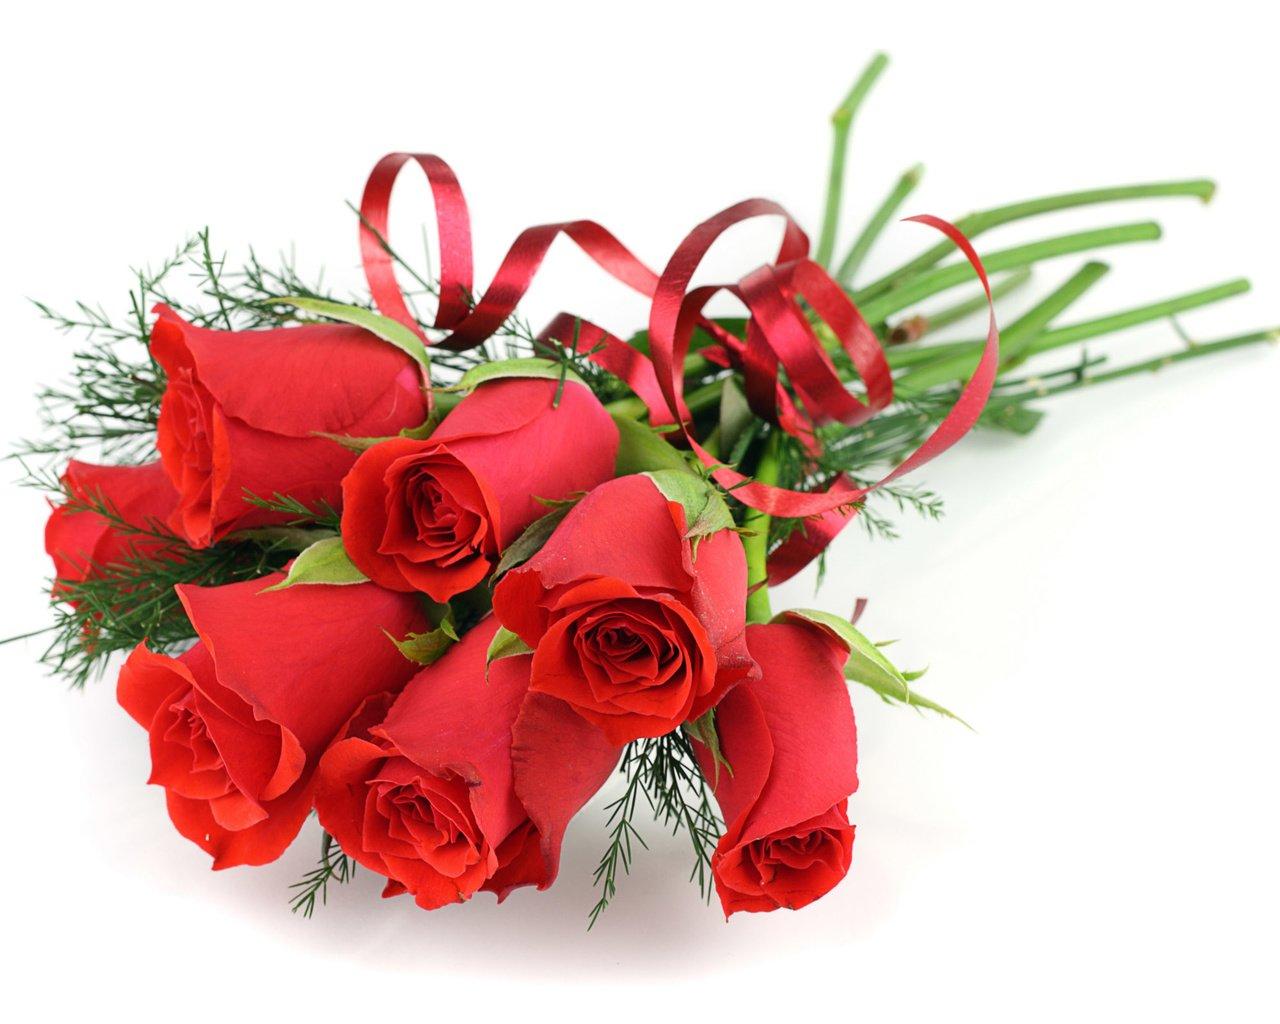 Открытки со спасибо и букетами роз, мать приколы картинки